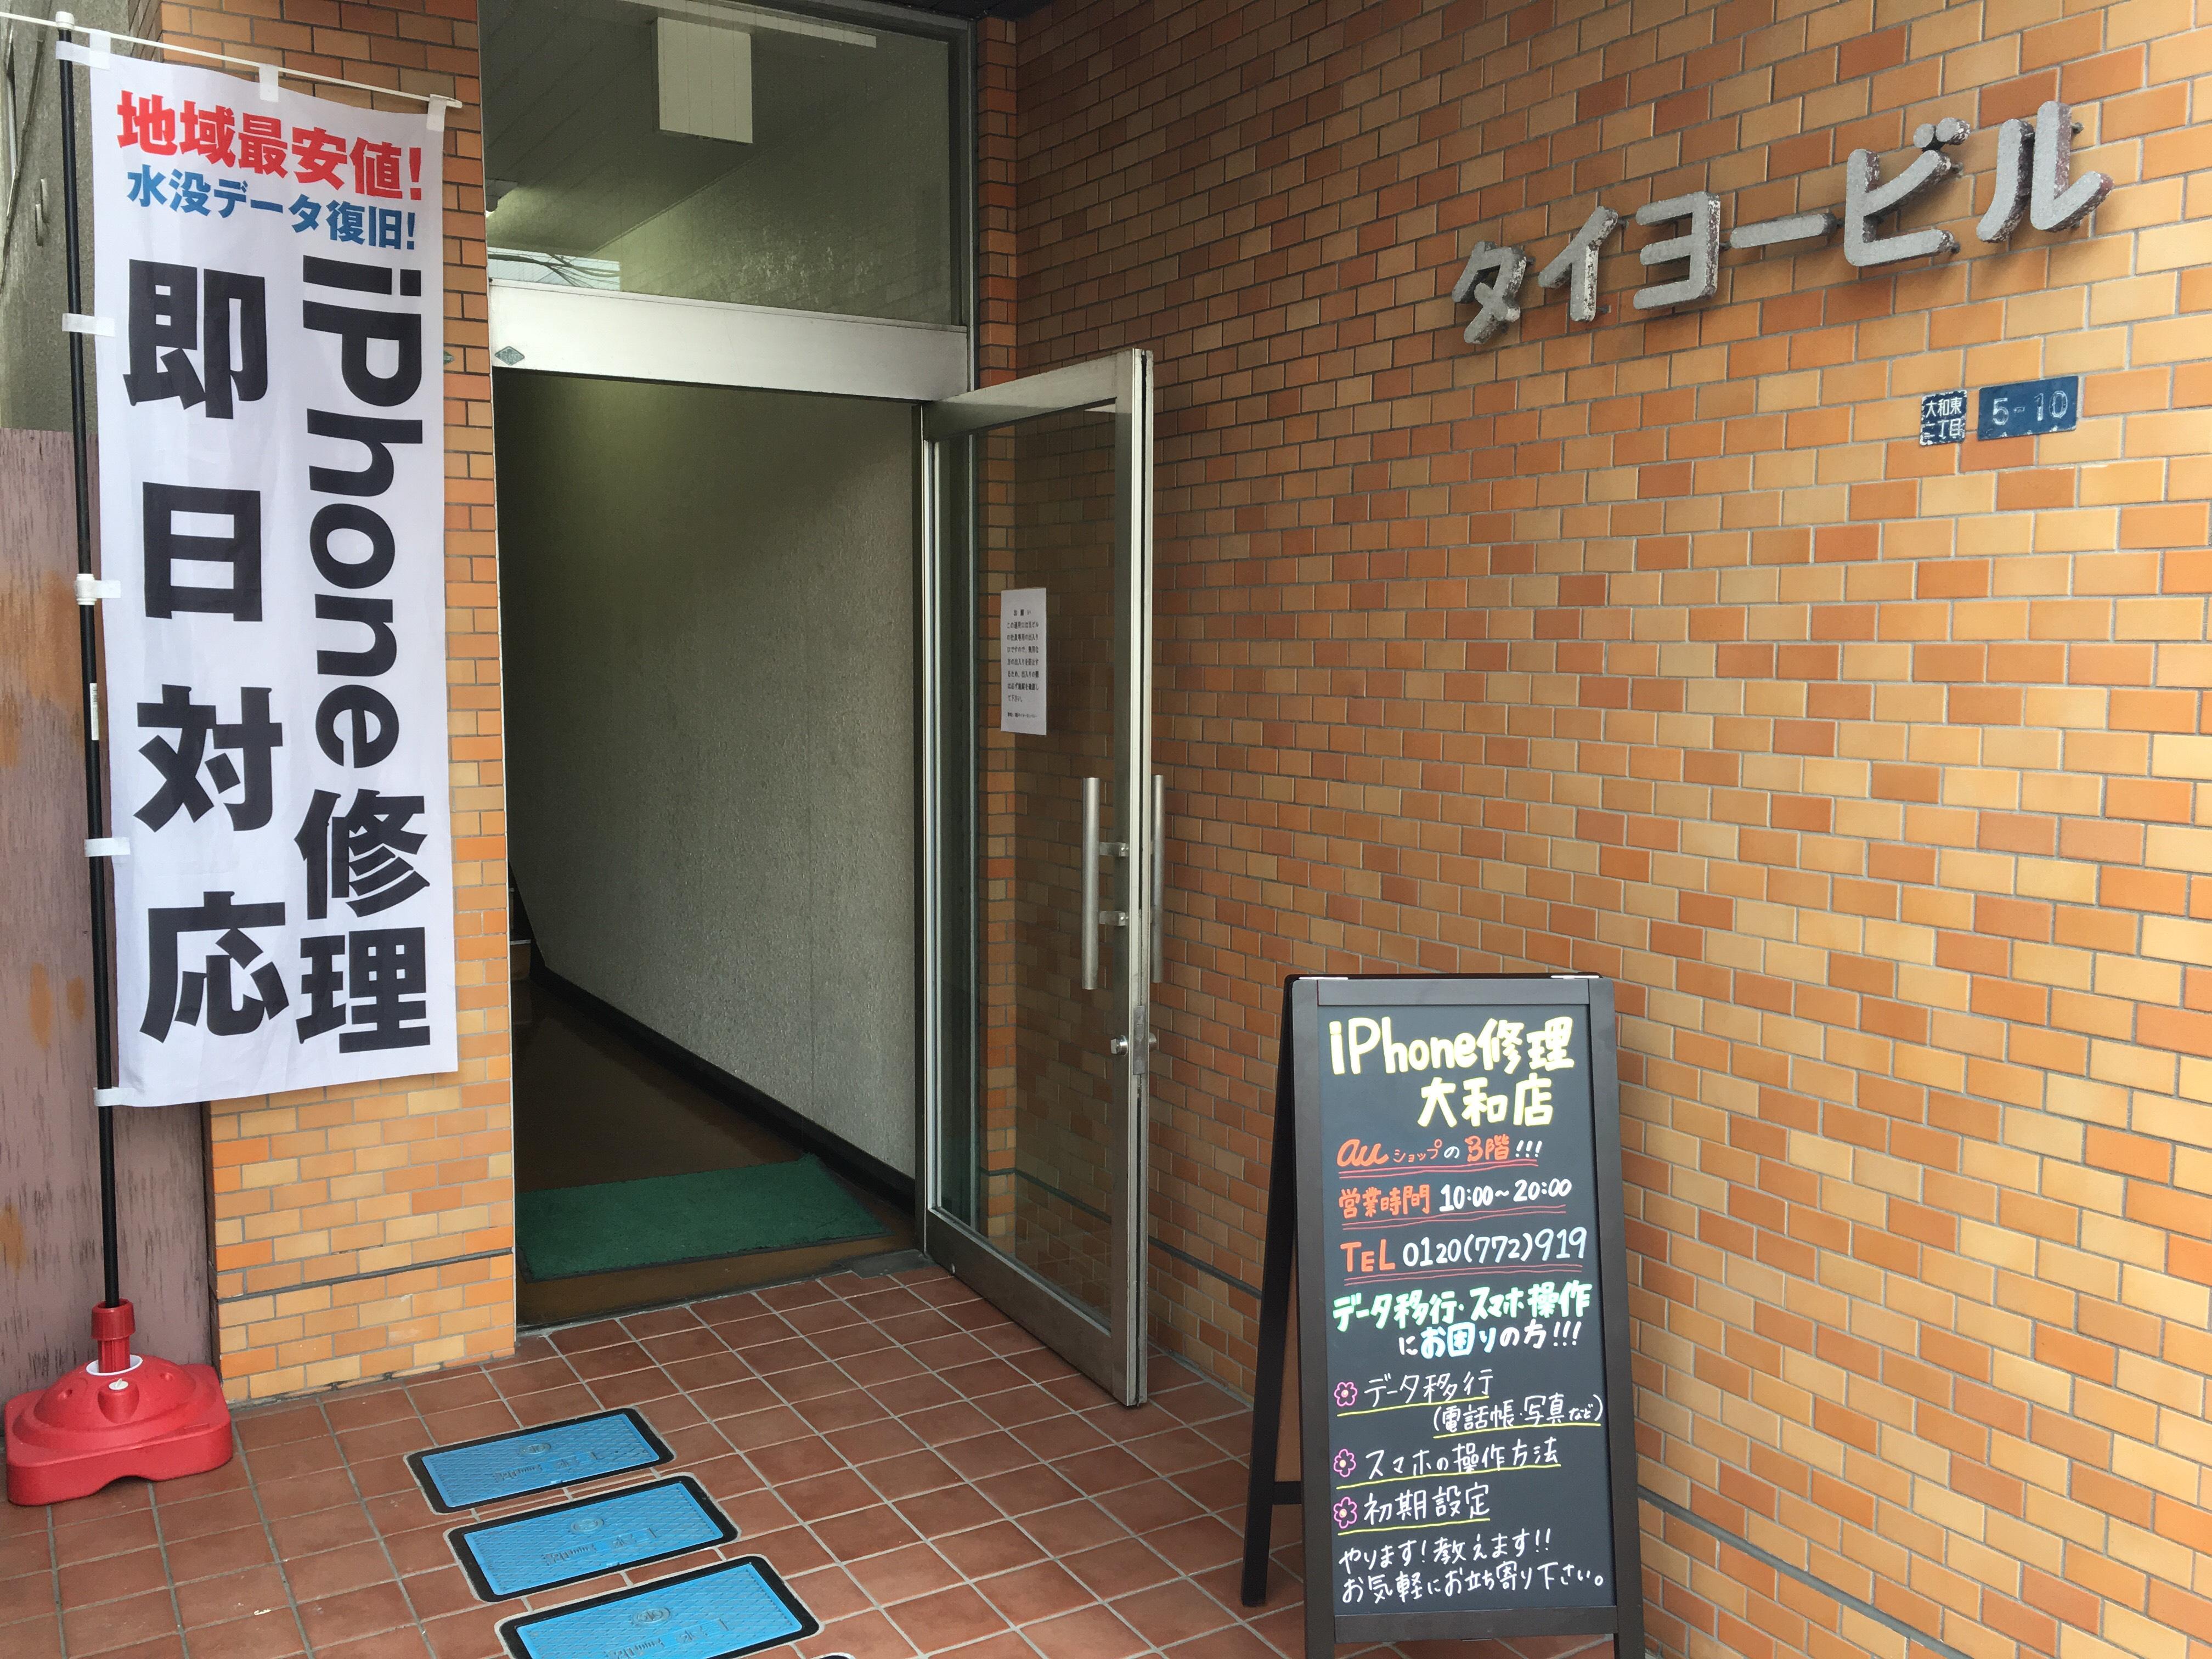 大和中央通り店イメージ画像1